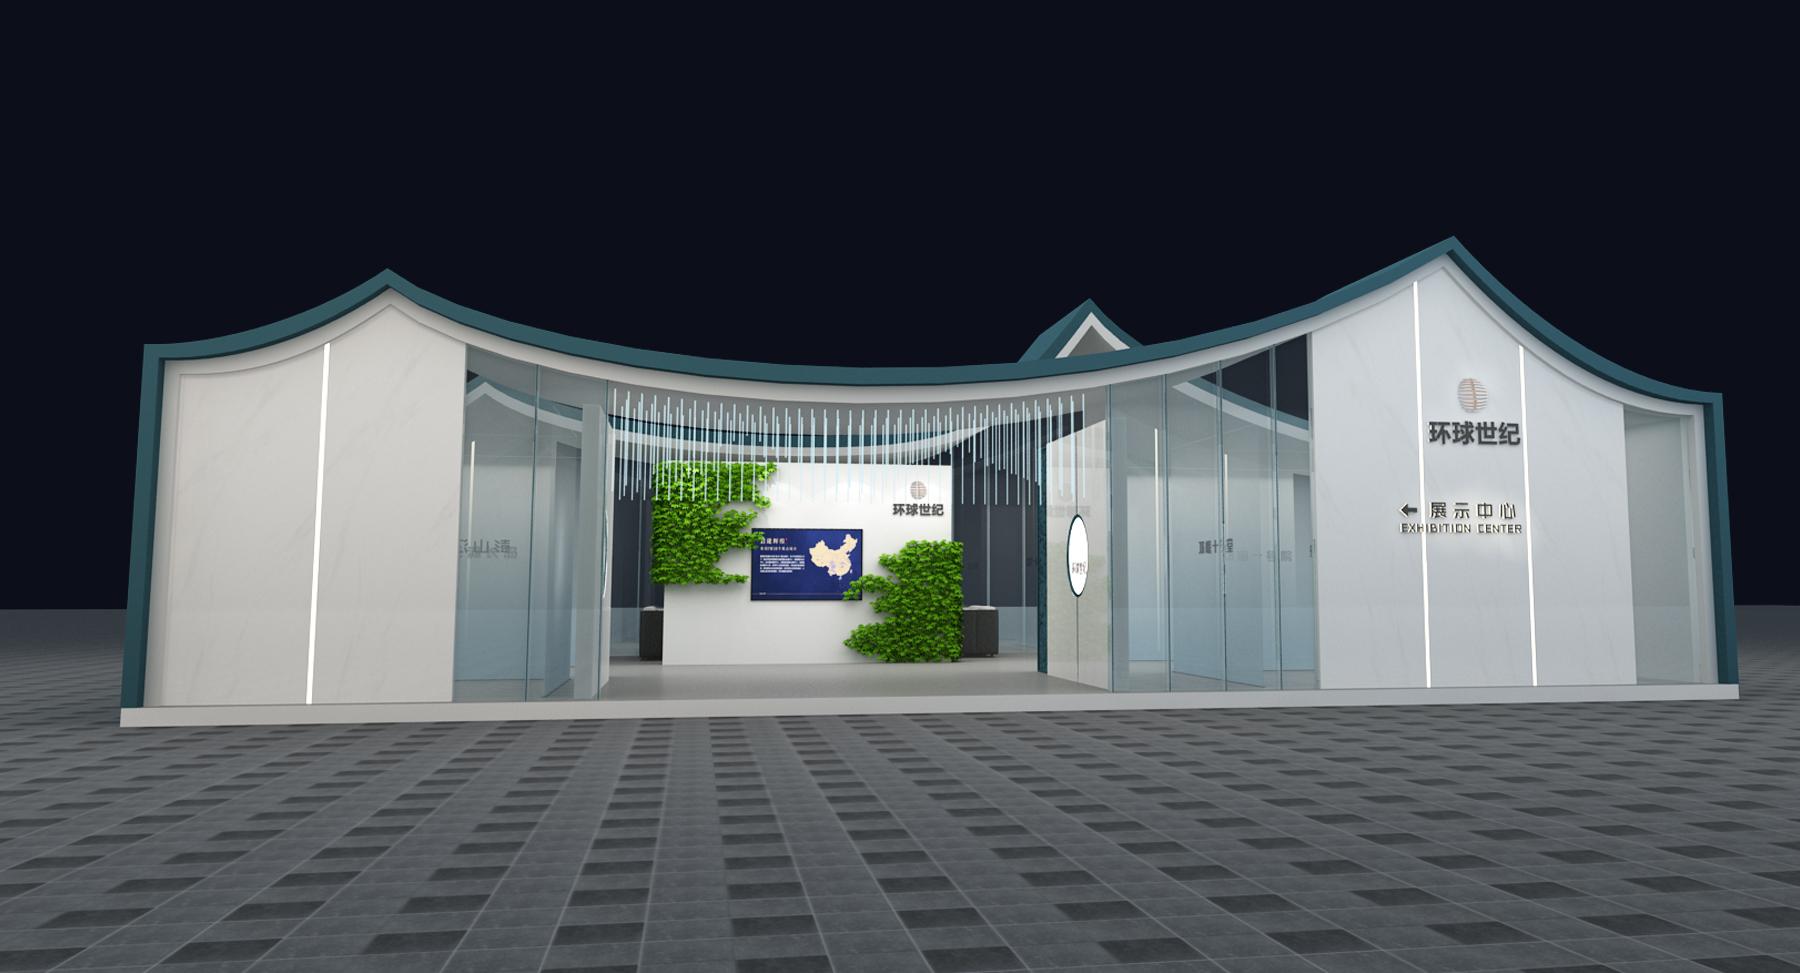 0415环球广场户外展位效果图-效果图-4